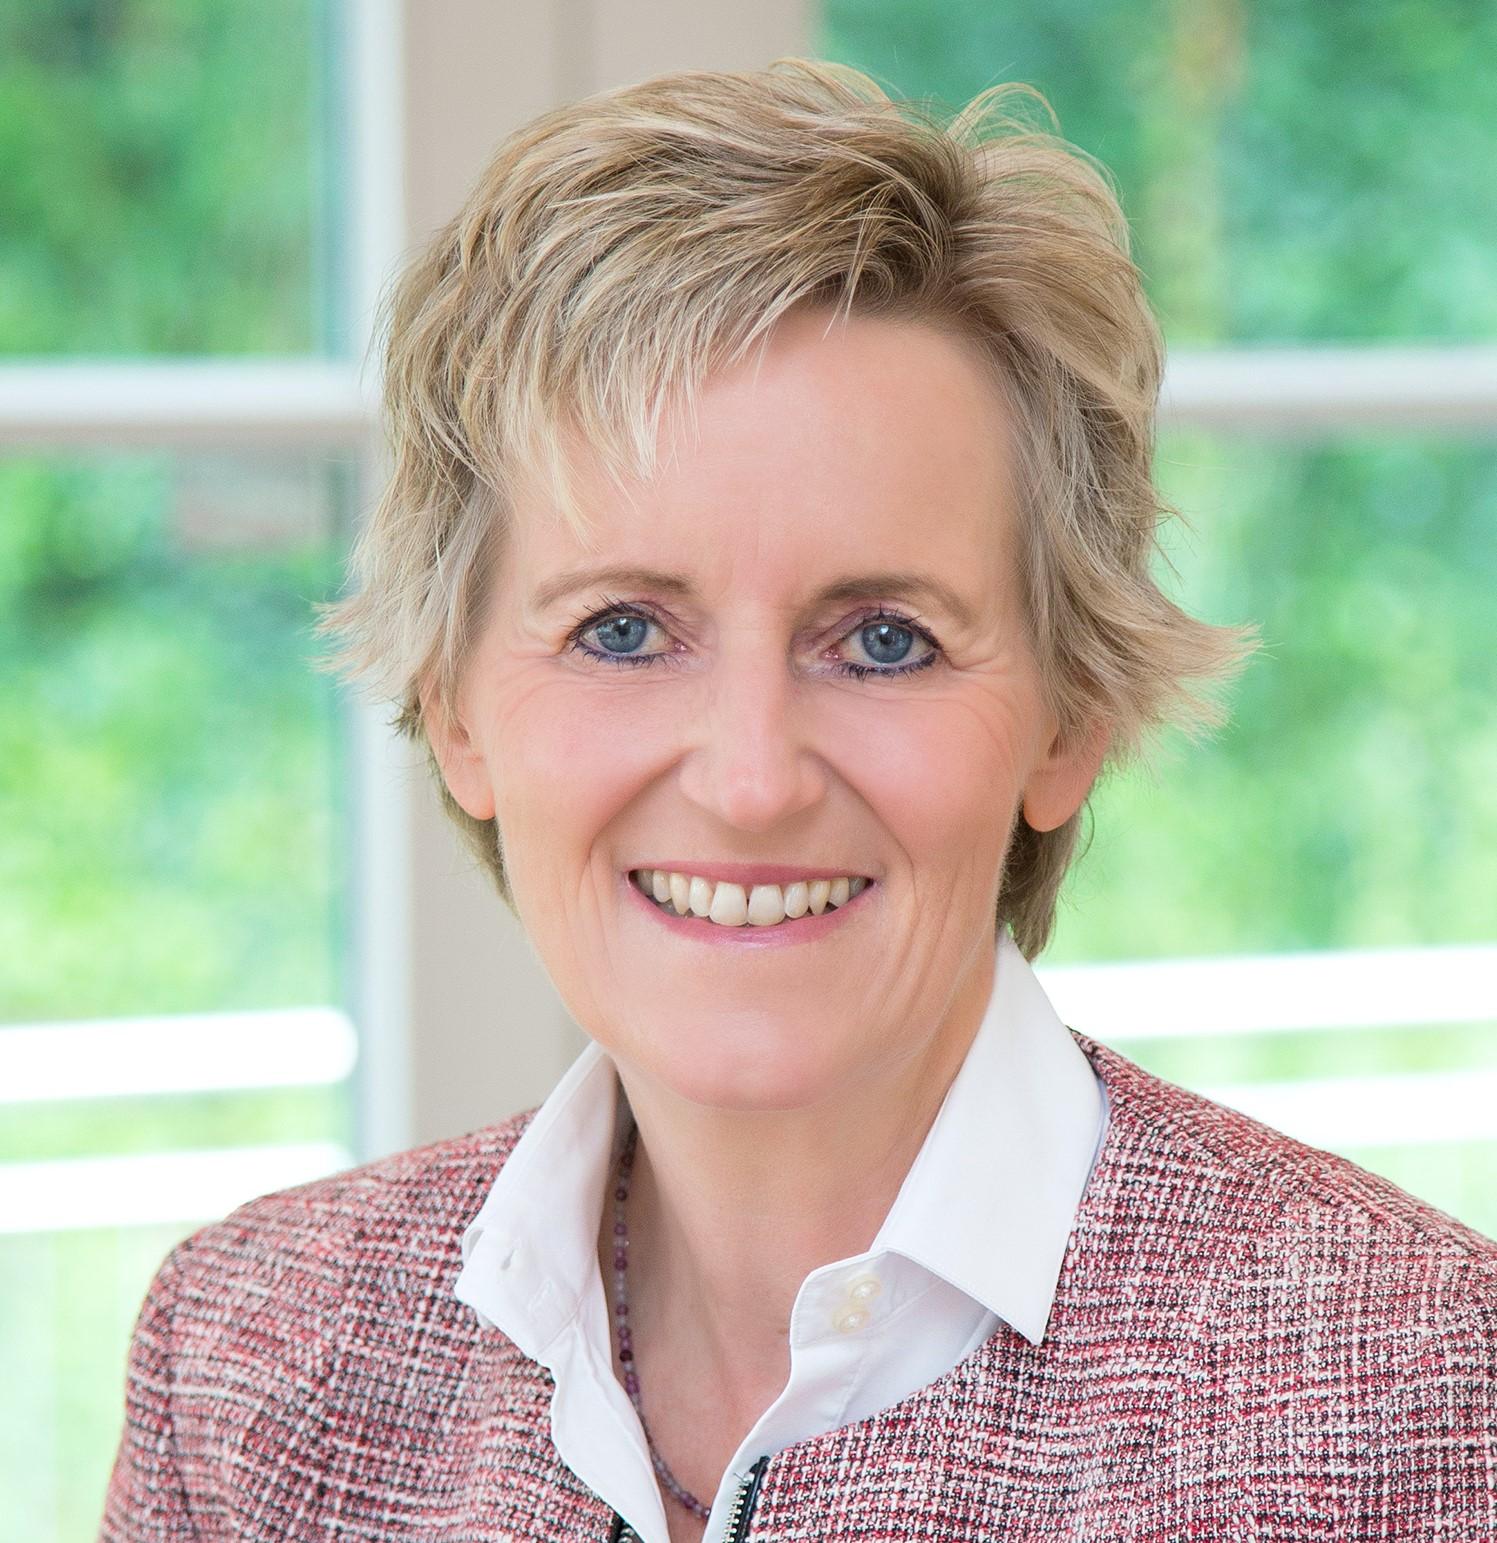 Martina Kirschbaum